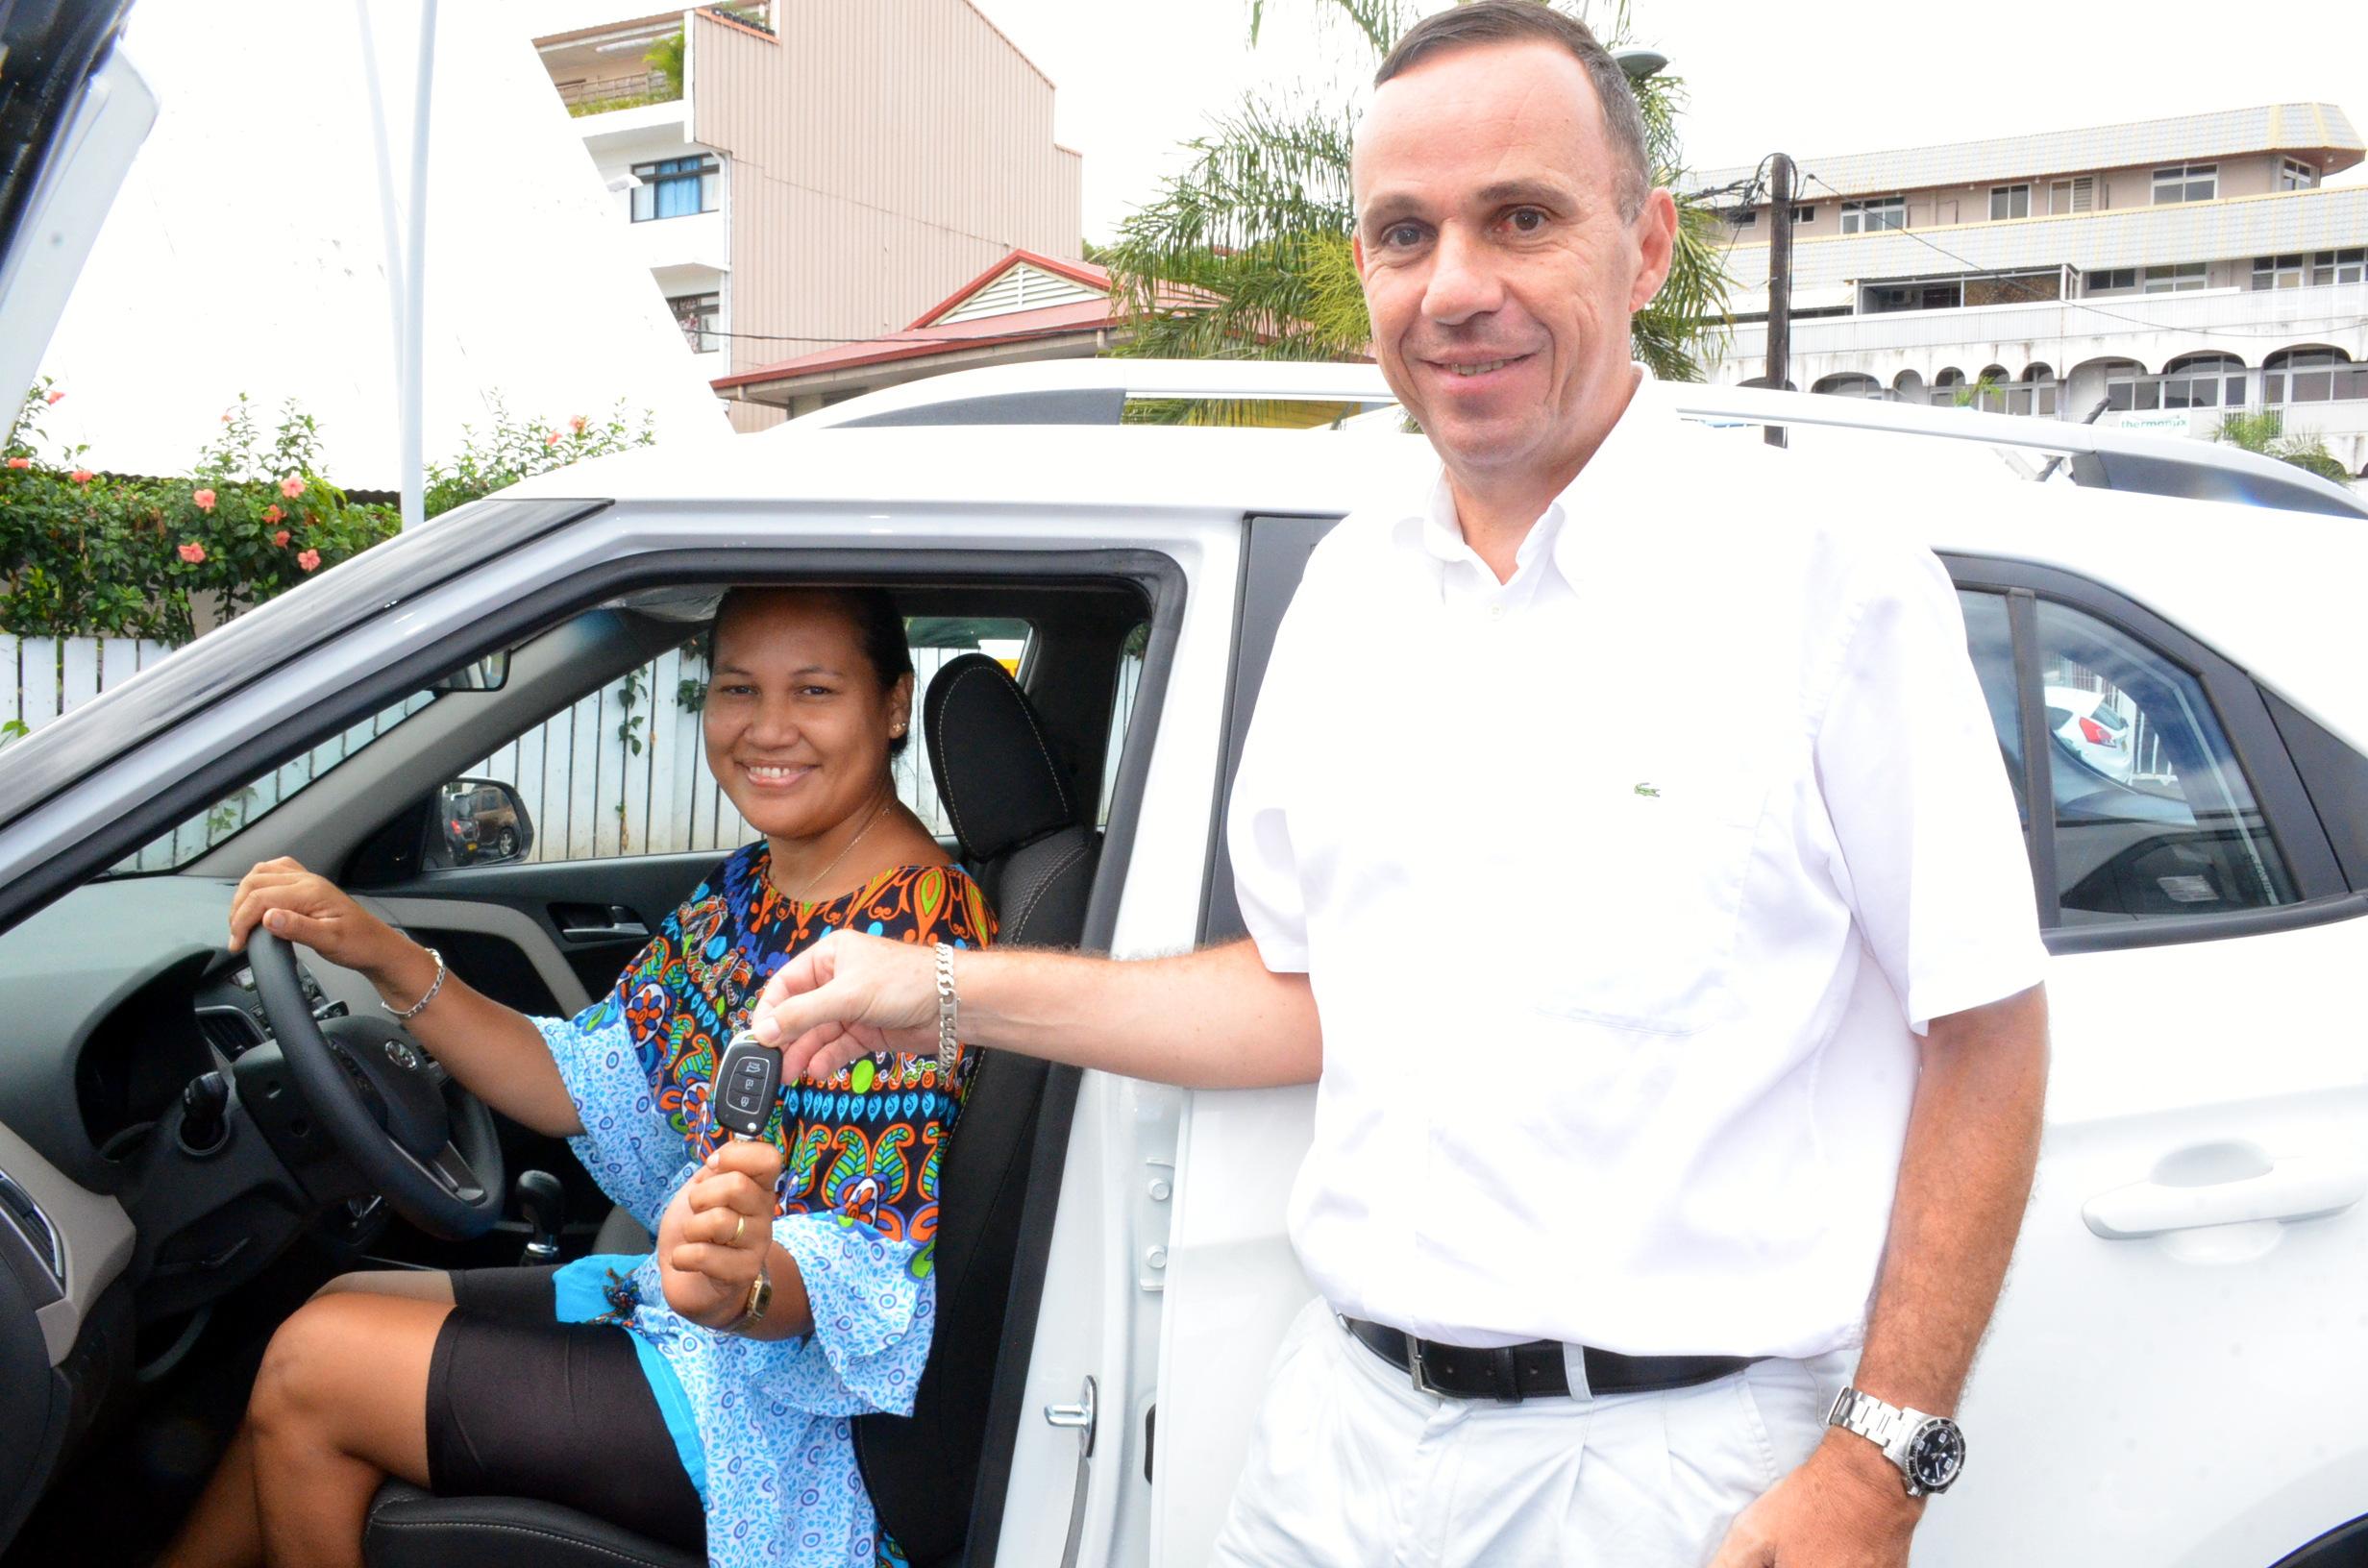 Jeu Pacific-Shell : Rosemay Liao, remporte la cinquième voiture du concours Shell